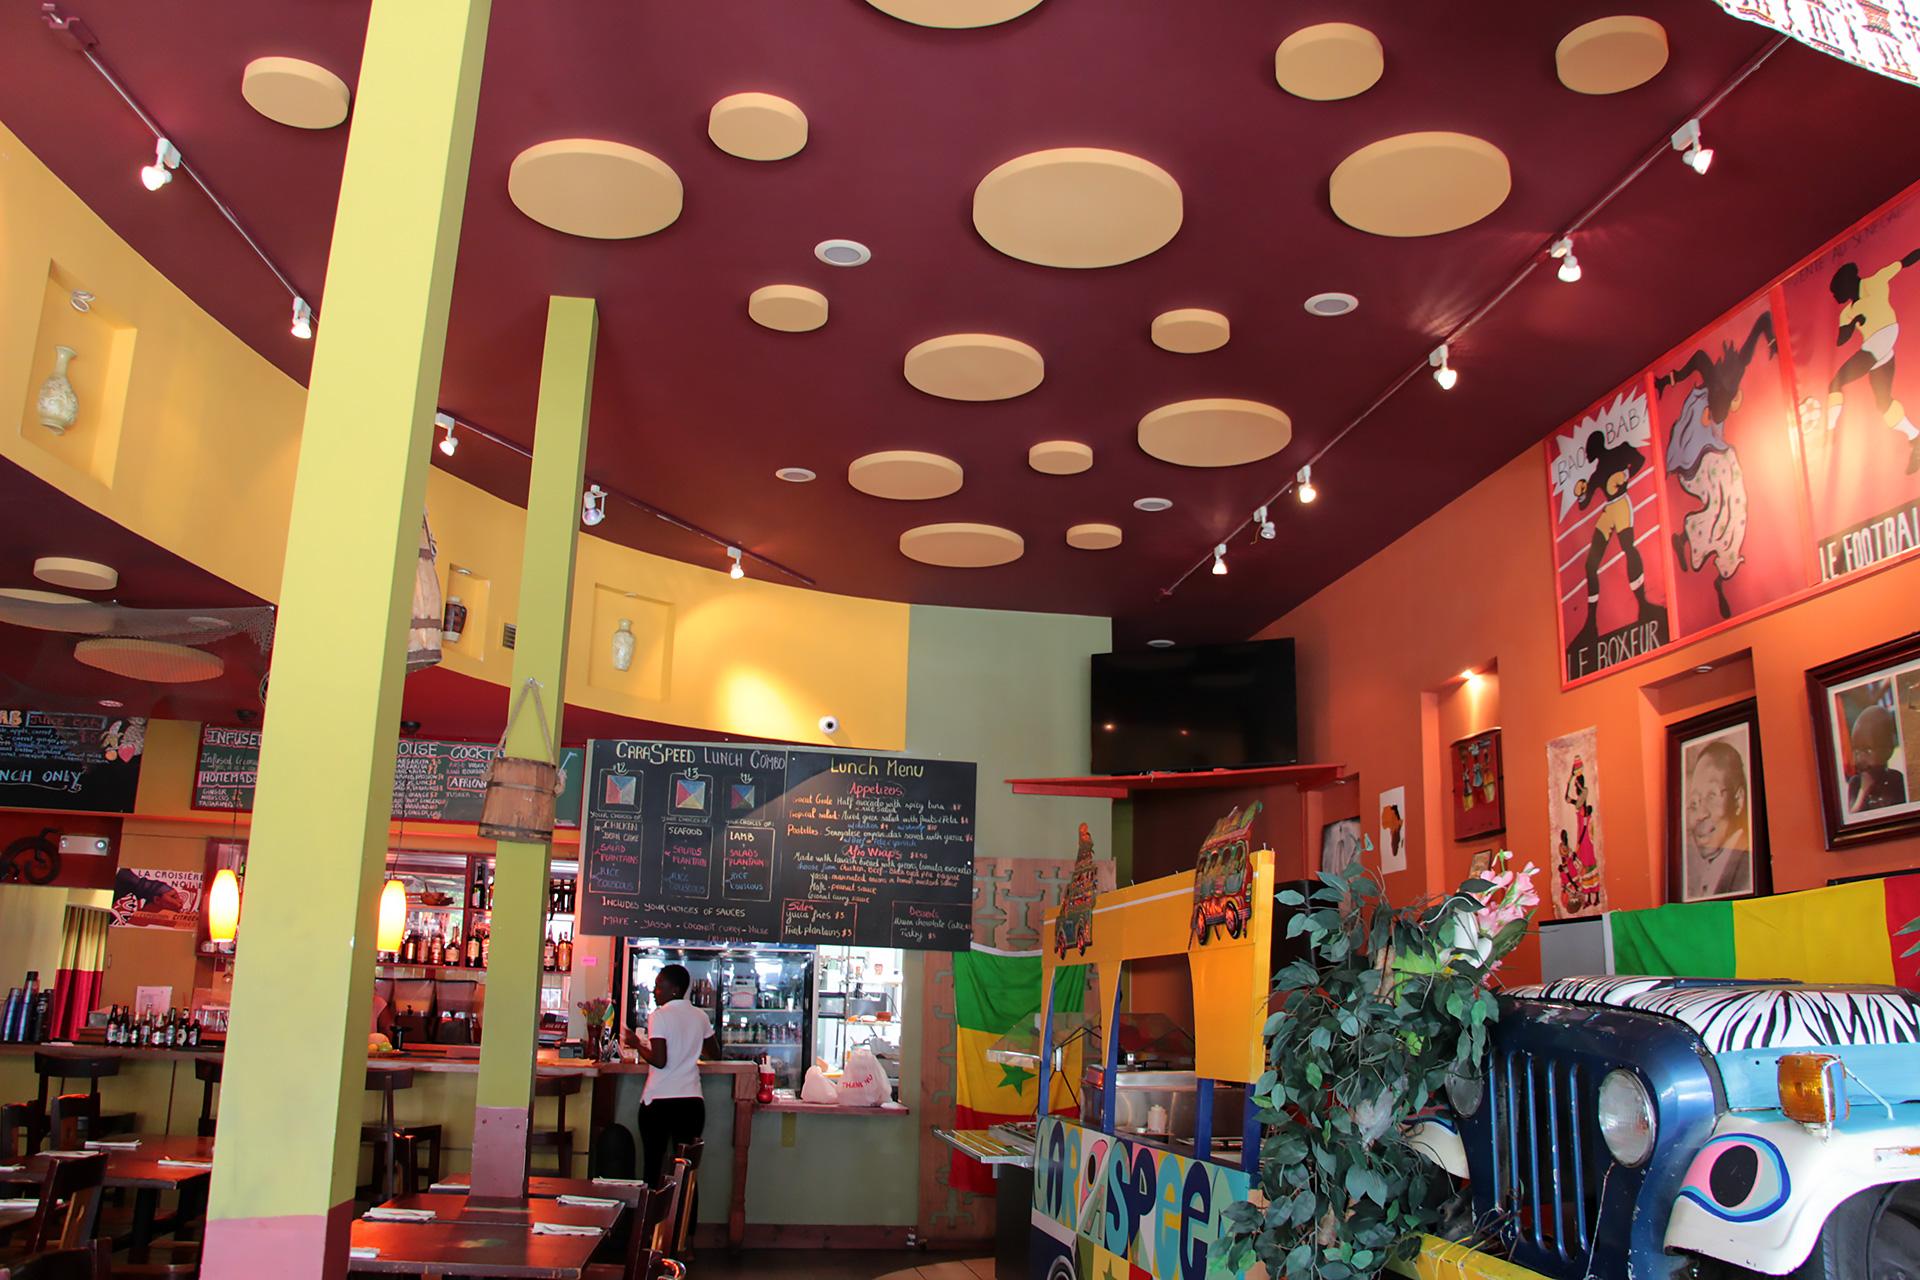 Bissap Baobab festive interior.